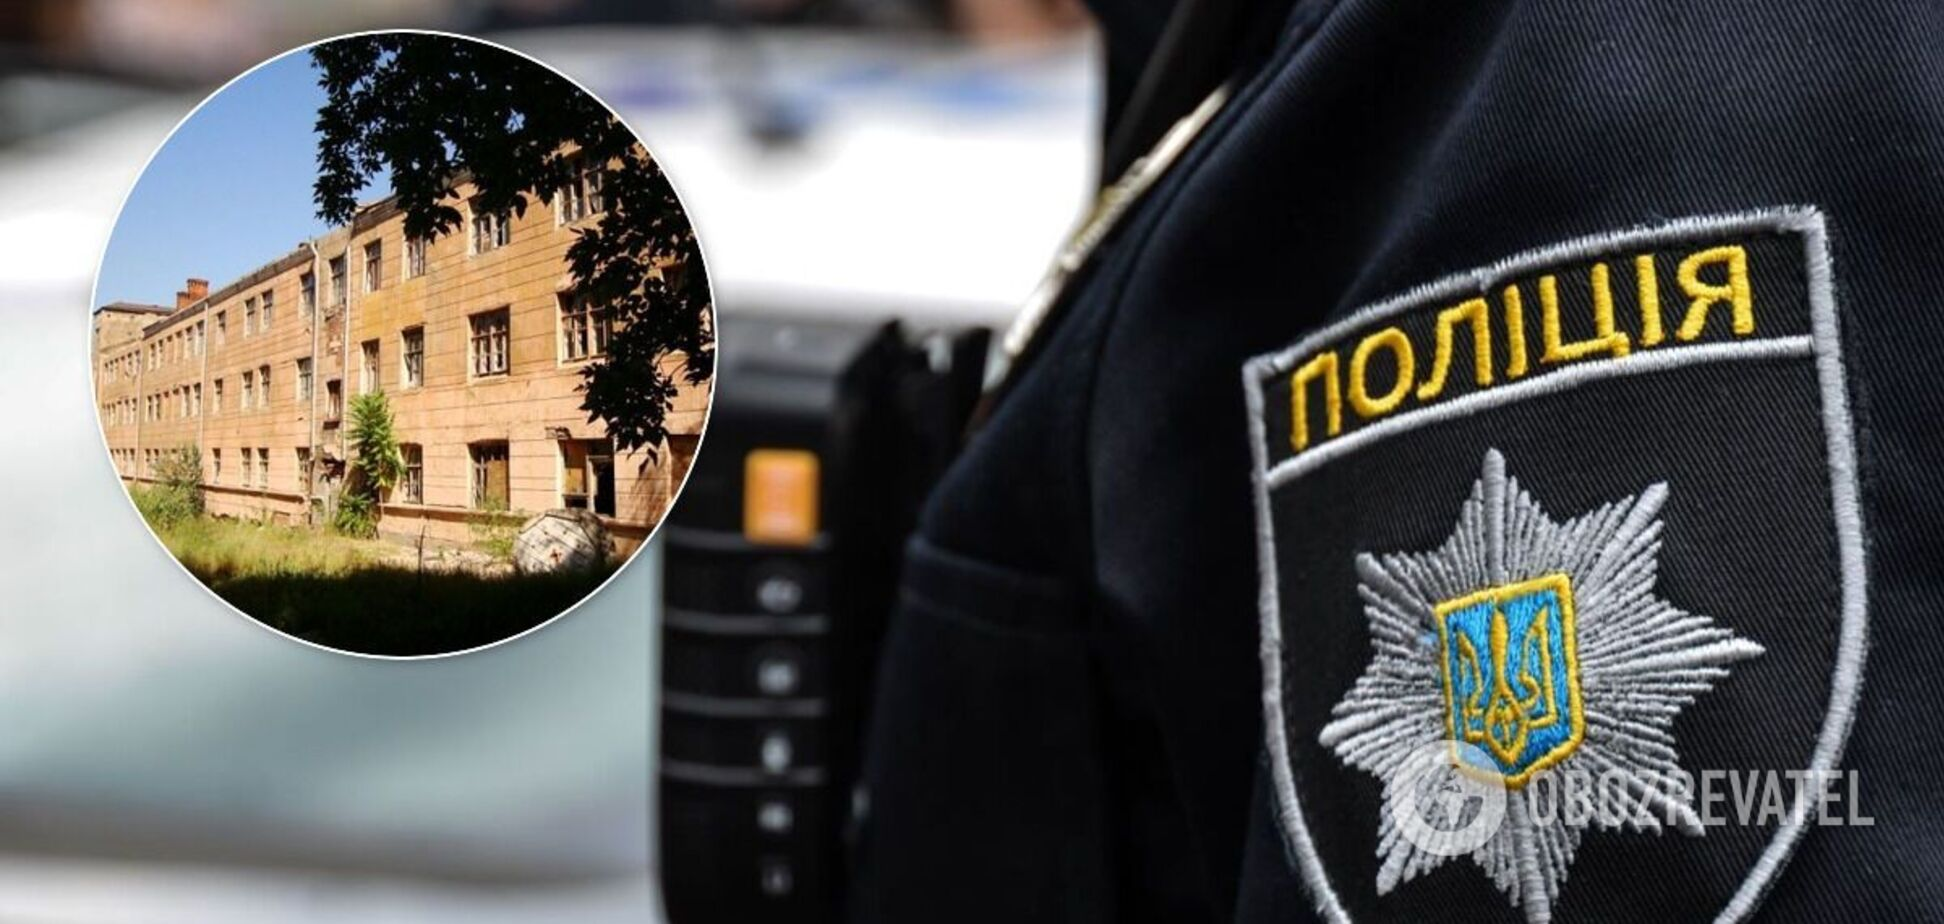 В Днепре возле воинской части нашли тело мужчины. Фото 18+